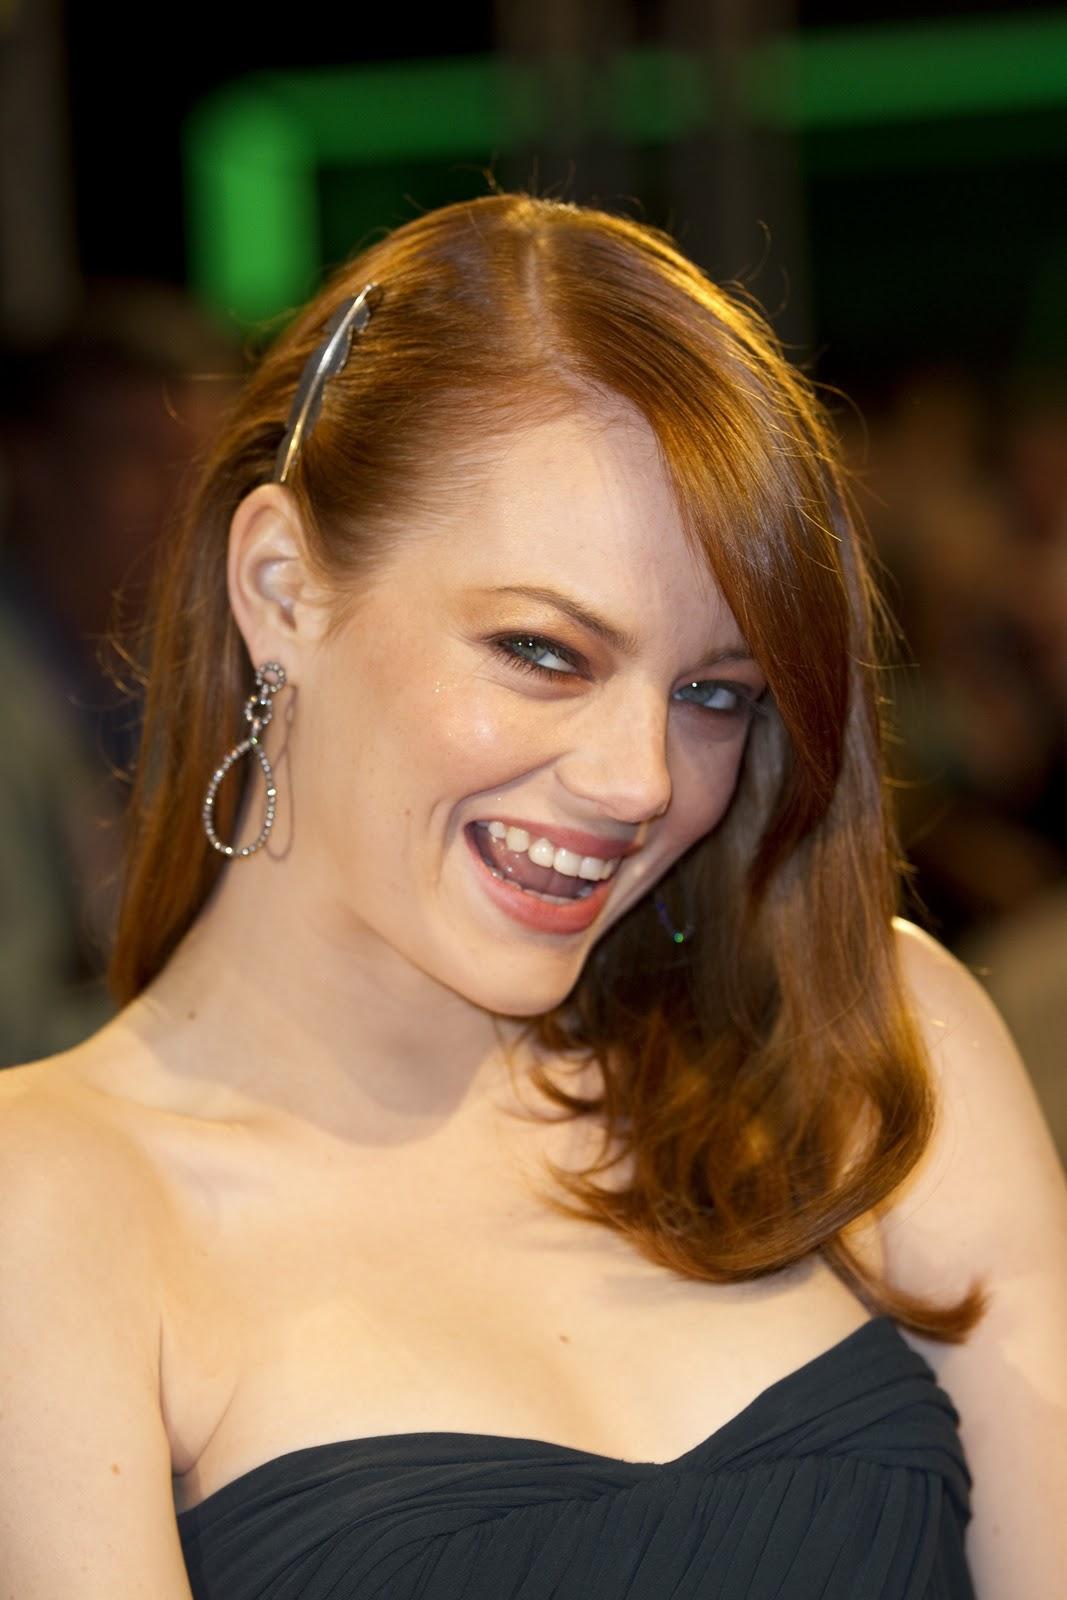 Emma Stone 30 Rock Video  Nude Naked Pussy Slip Celebrity-1492